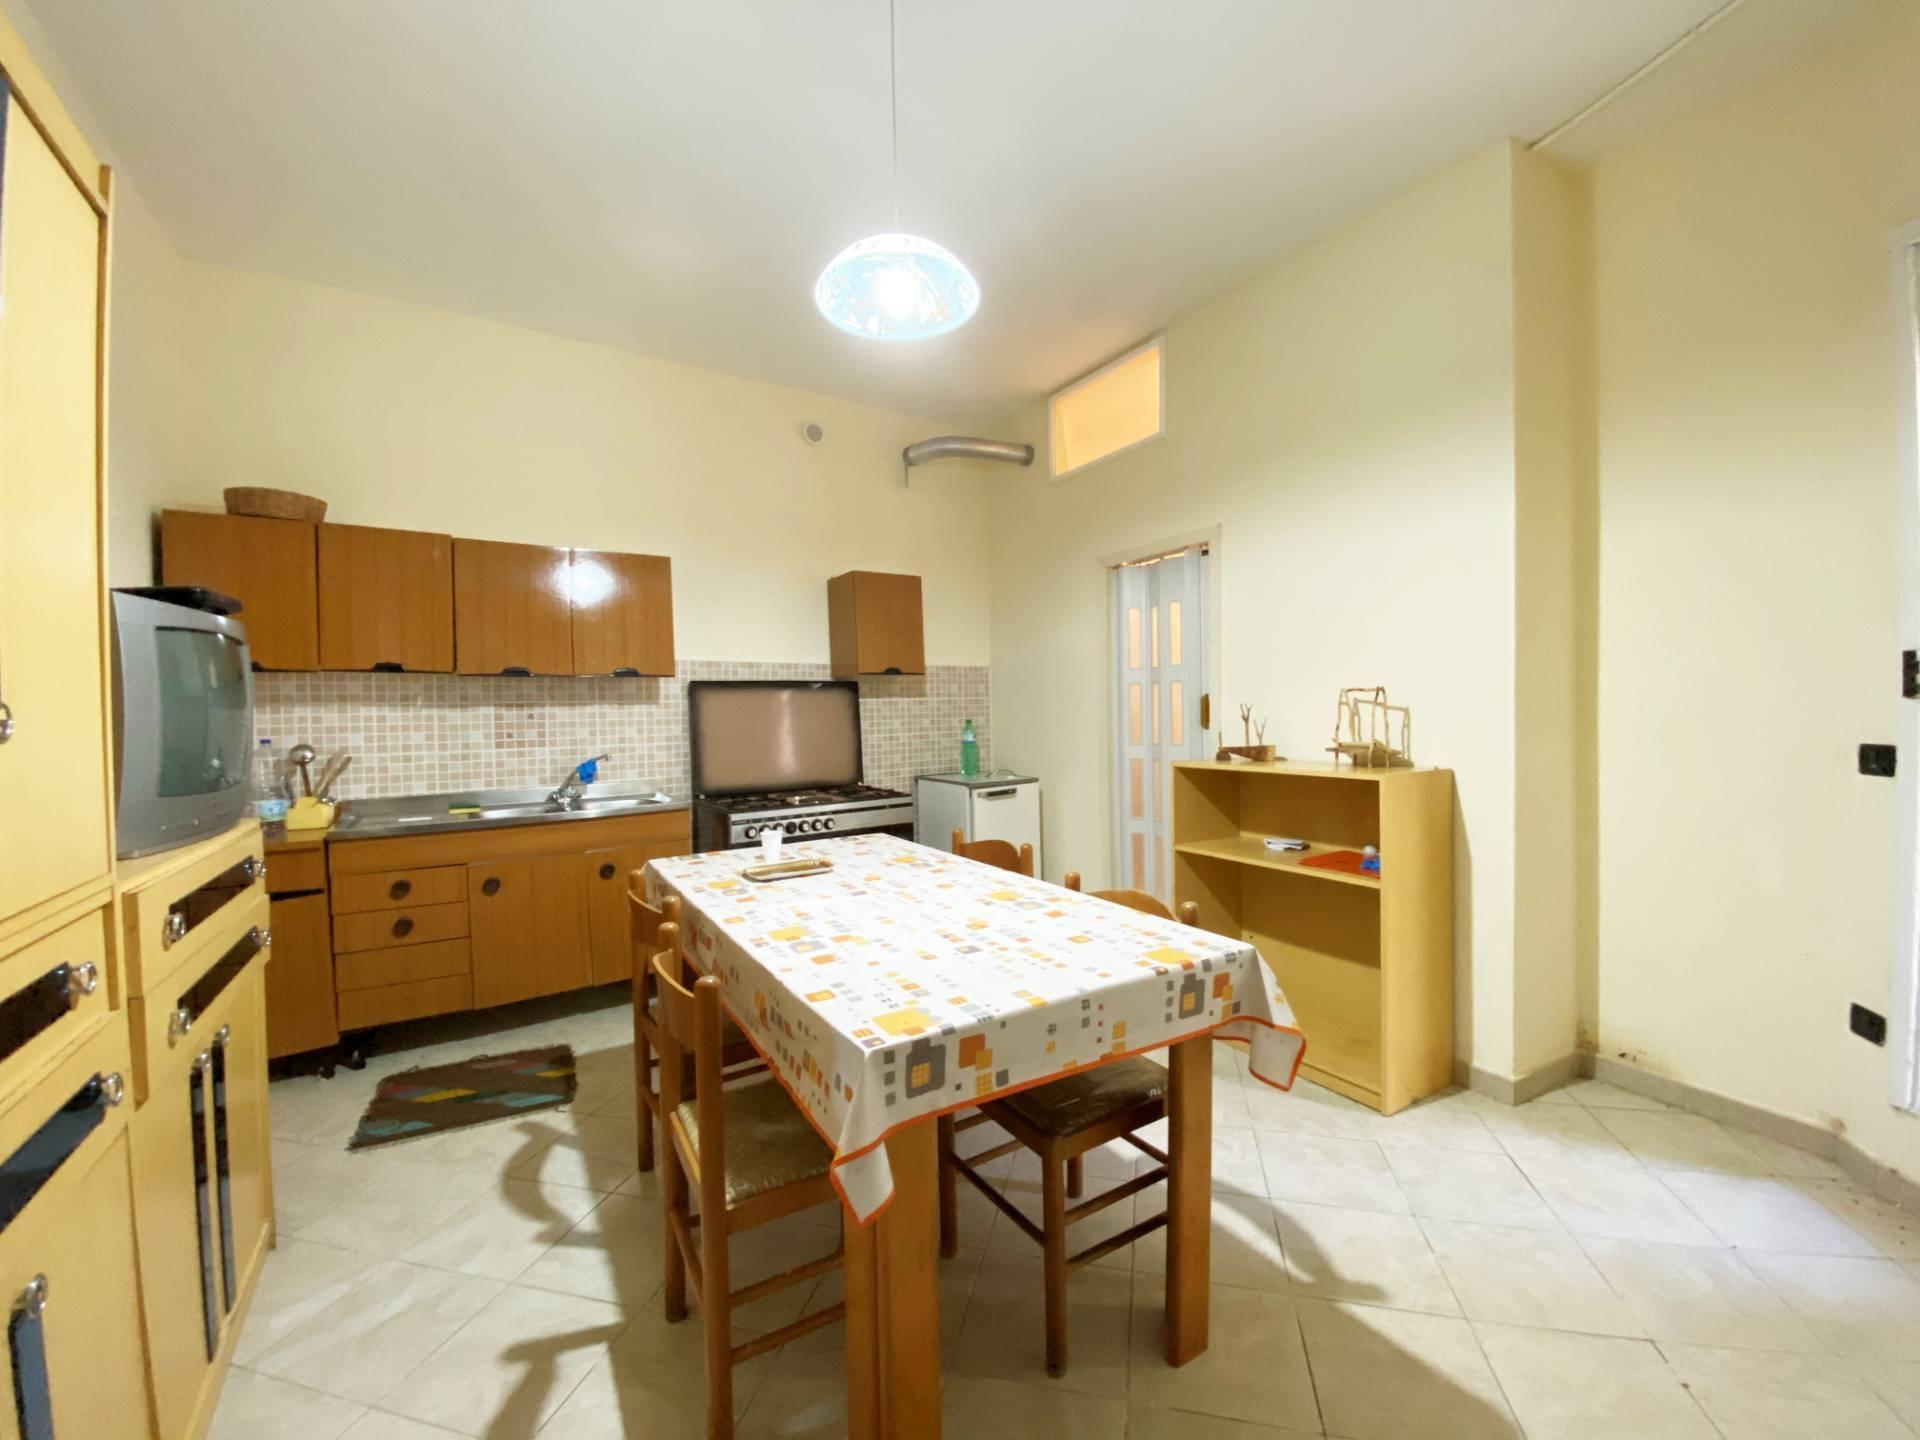 Appartamento in vendita a Borgia, 3 locali, prezzo € 26.000 | CambioCasa.it